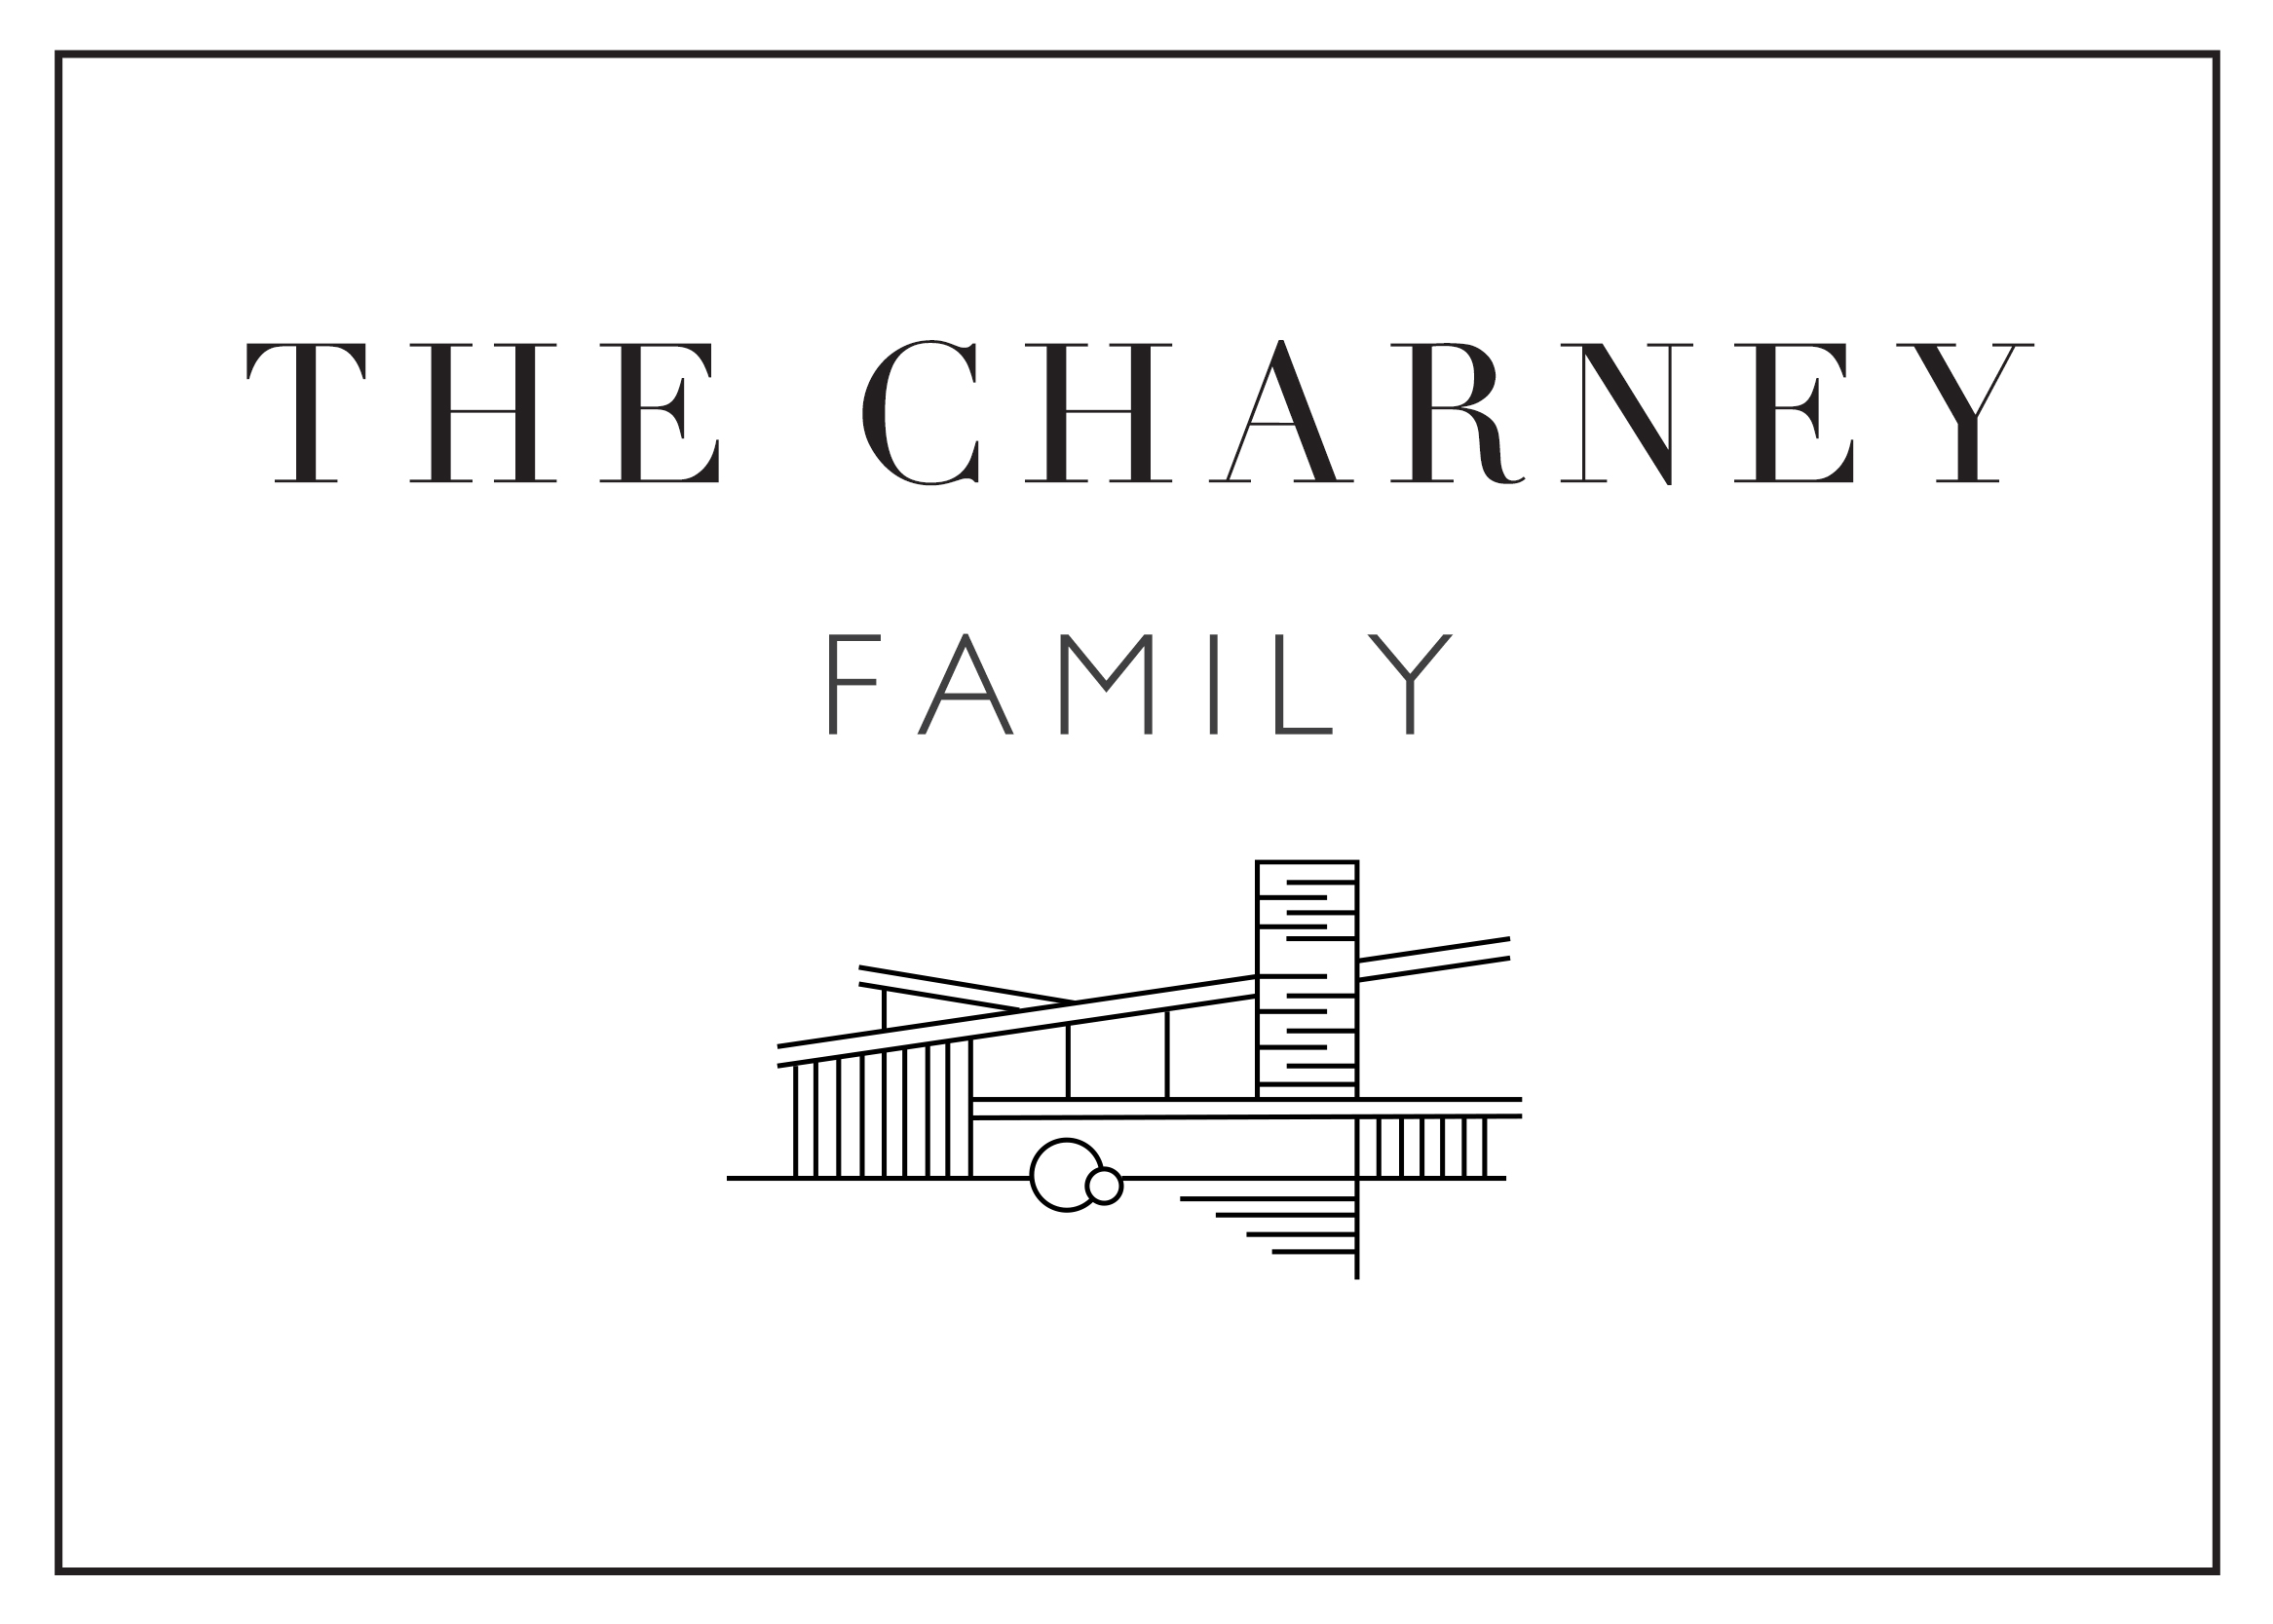 Charney Family.jpg